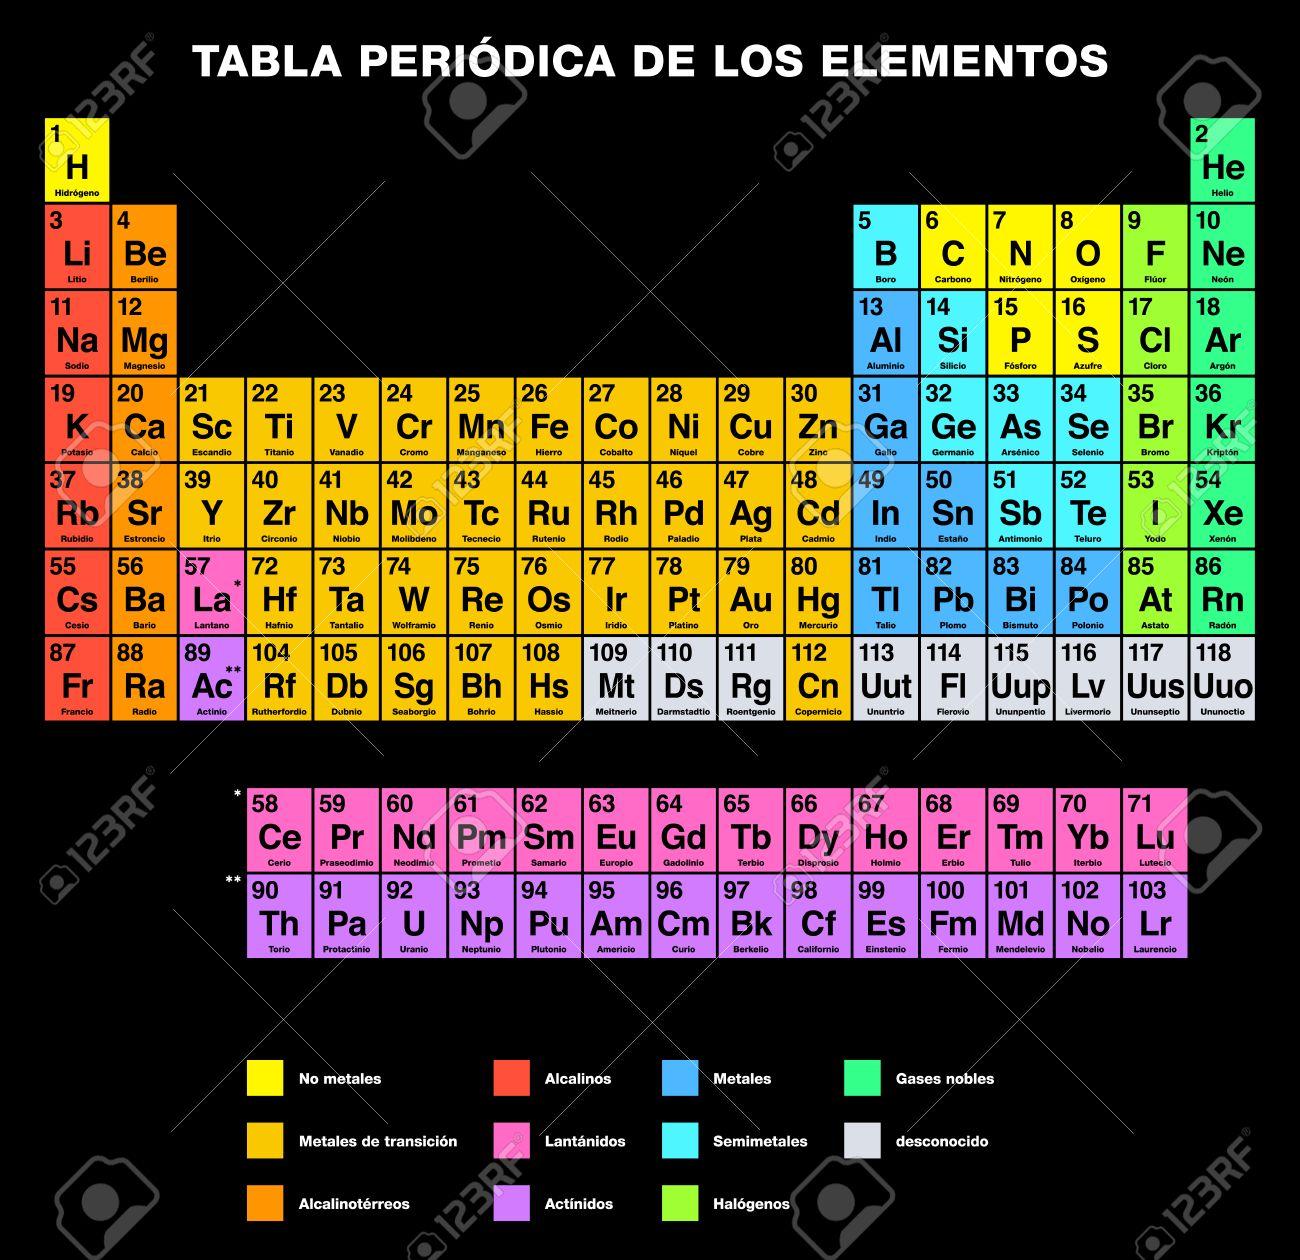 Tabla peridica de los elementos de etiquetado espaol arreglo arreglo tabular de los elementos qumicos con nmeros atmicos su organizados en grupos y familias aislado sobre fondo negro tabla peridica urtaz Choice Image